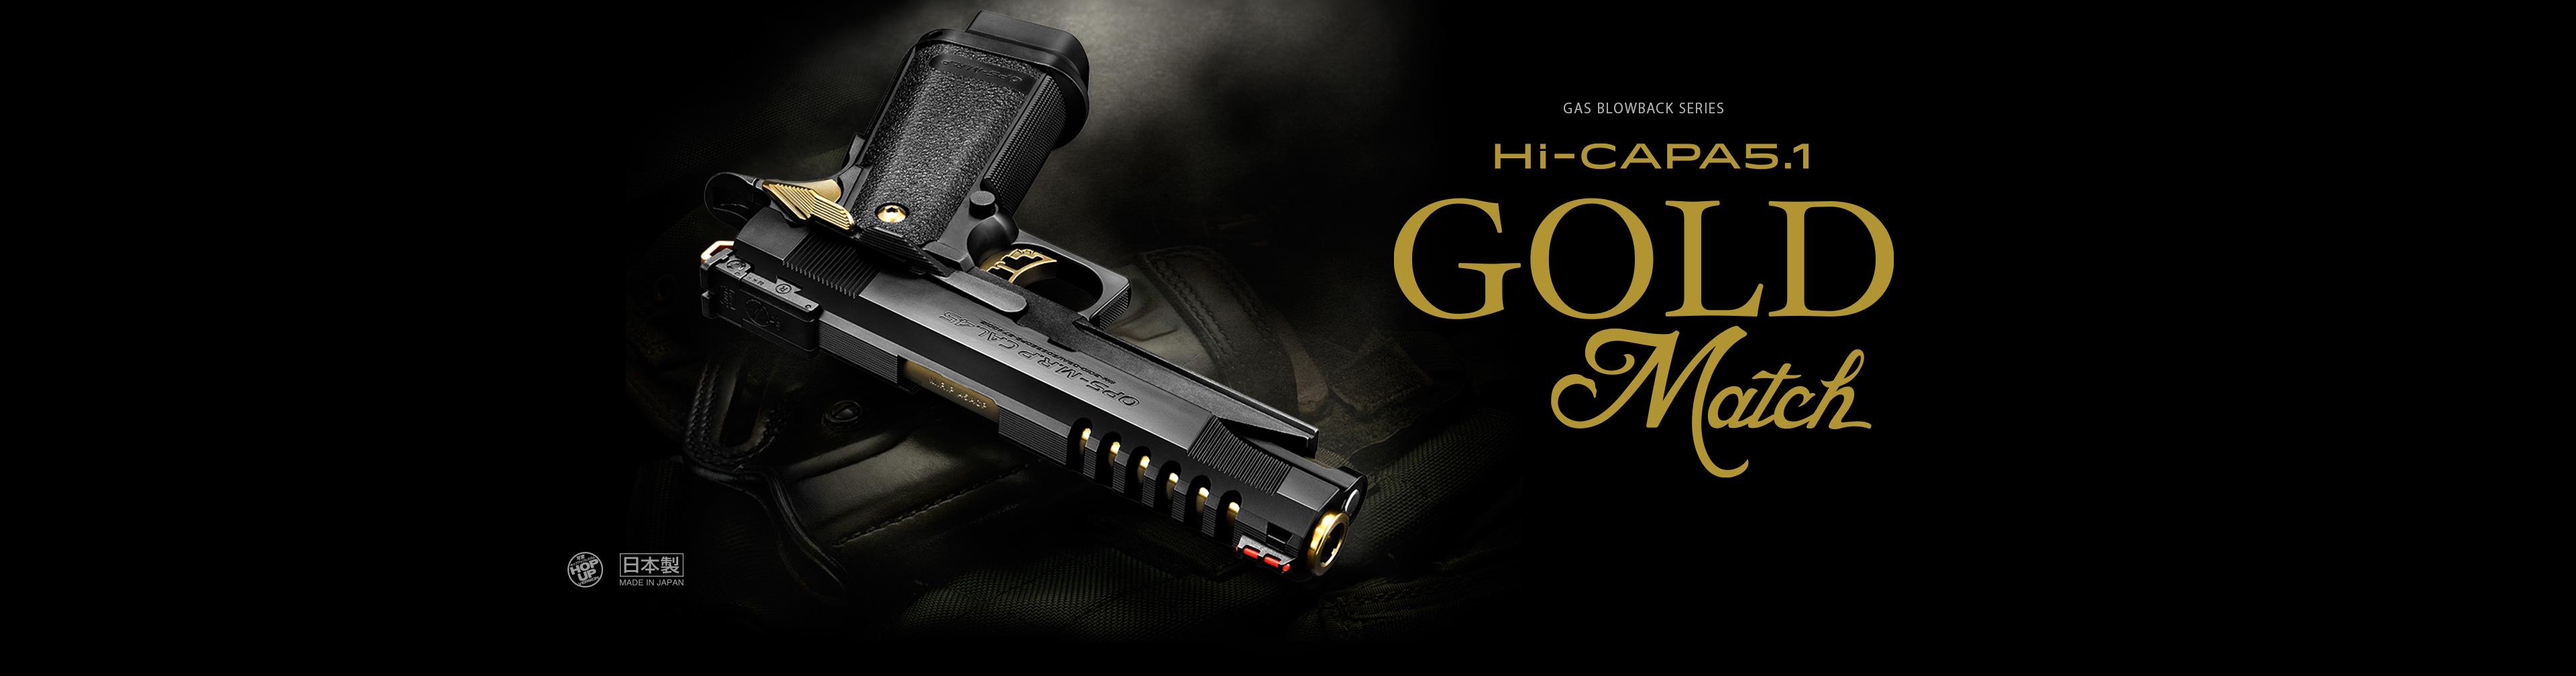 ハイキャパ5.1 ゴールドマッチ